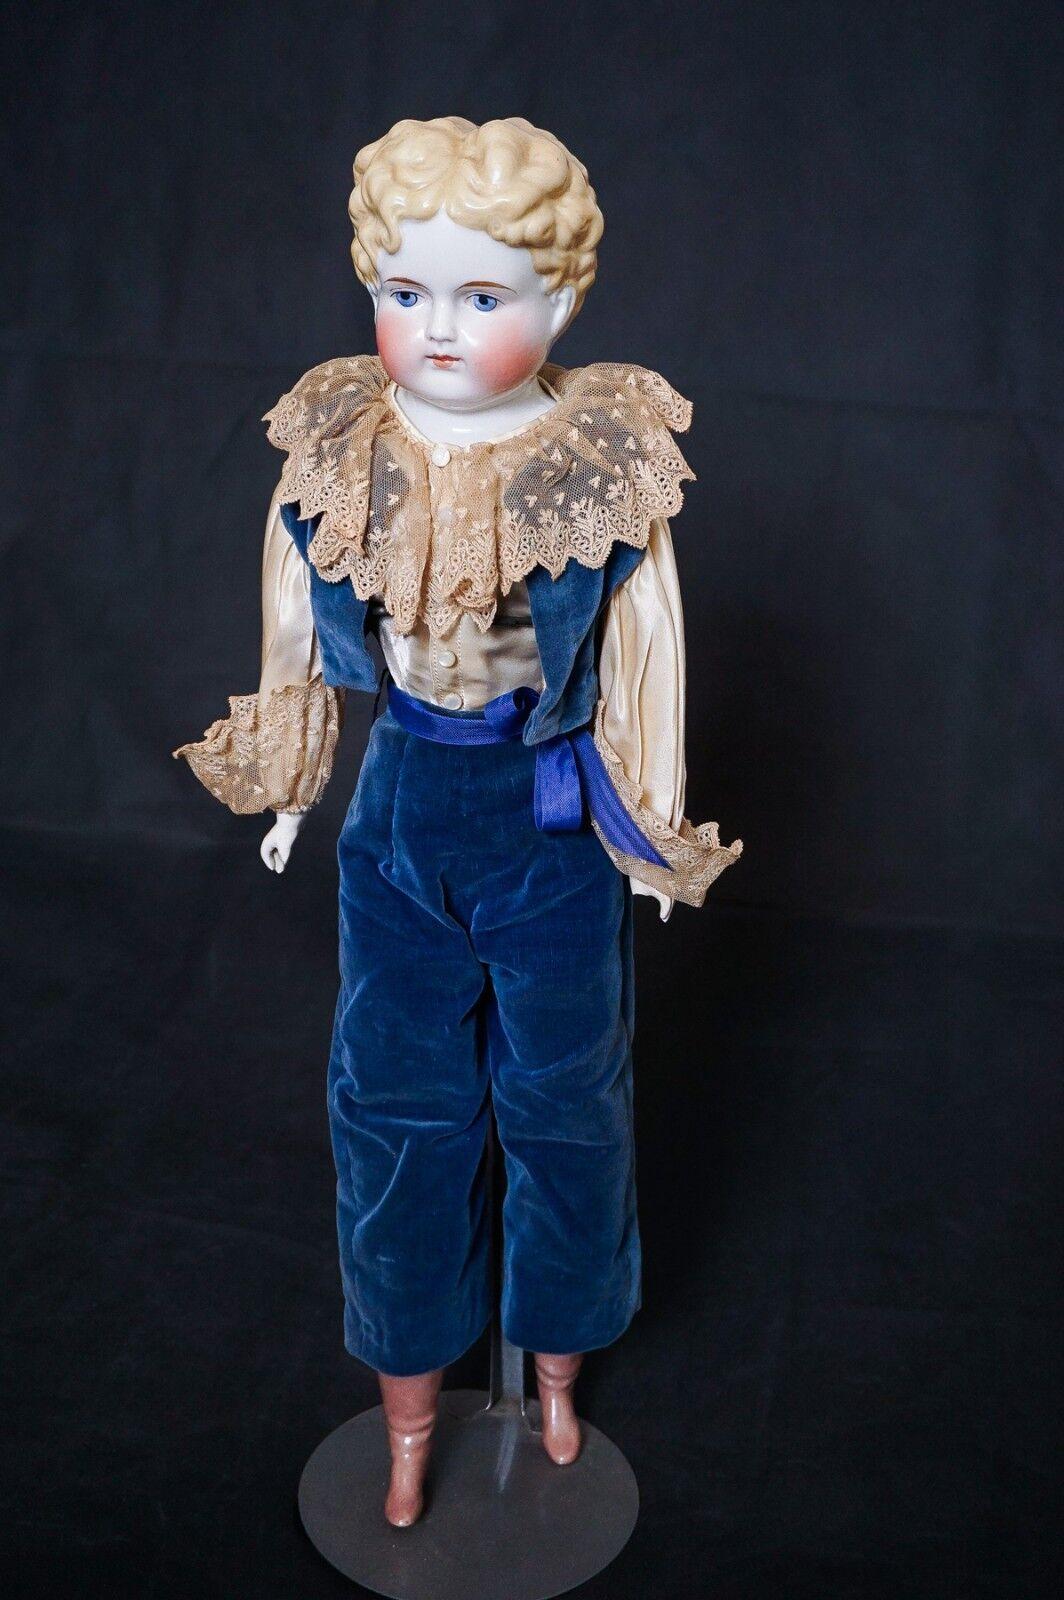 Muñeca Biscuit Boy Antiguo Alemán 22  1860 1870 Cabello Rubio ojos azules Envío Gratis